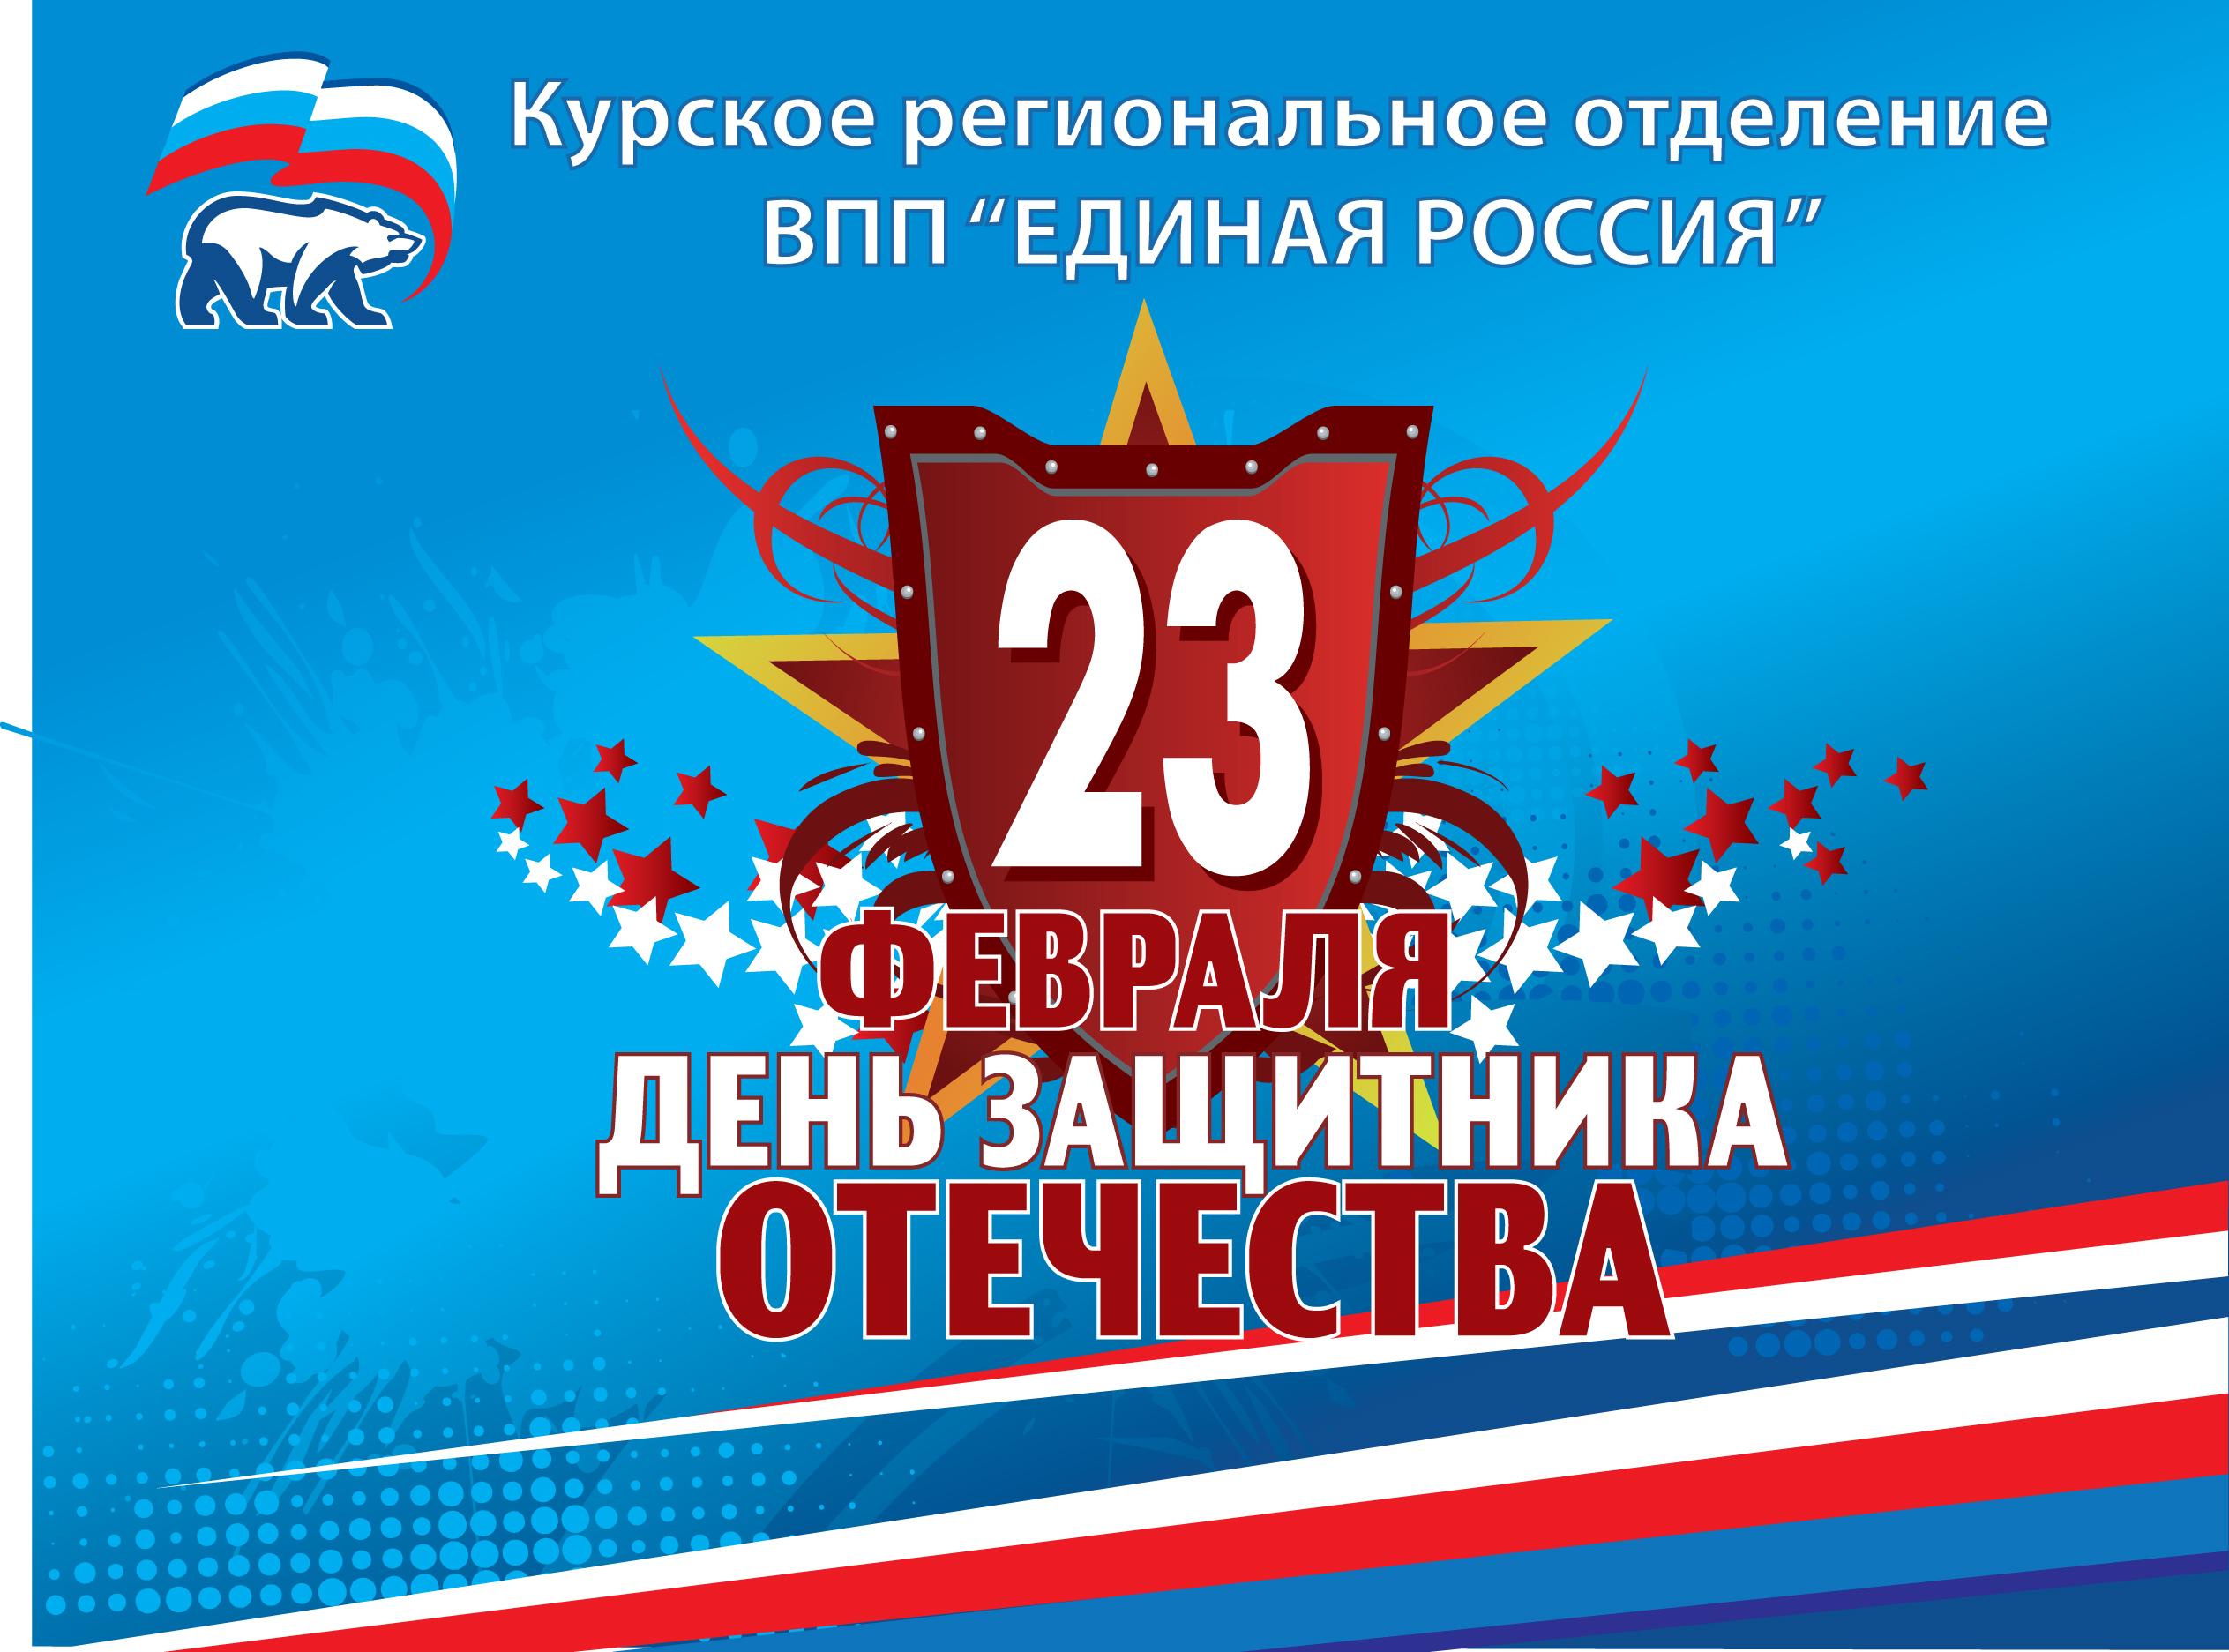 Скрапбукинг, открытка поздравление с днем защитника отечества от единой россии